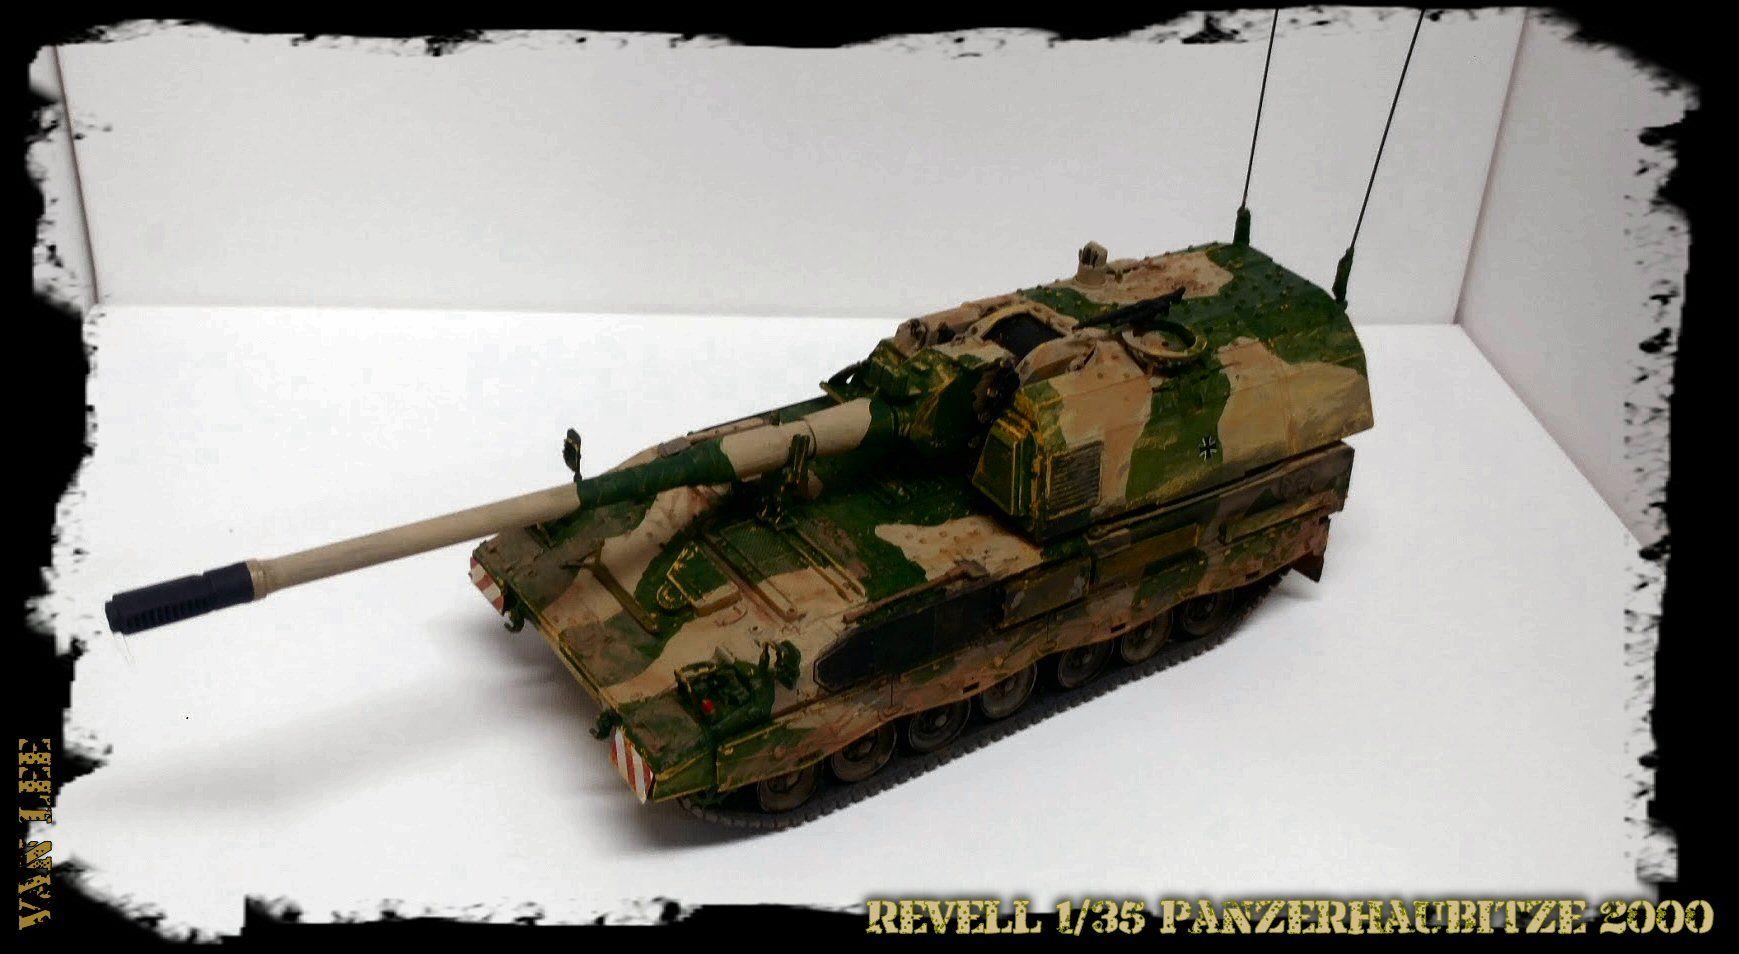 Revell 1/35 Panzerhaubitze 2000 Self propelled howitzer